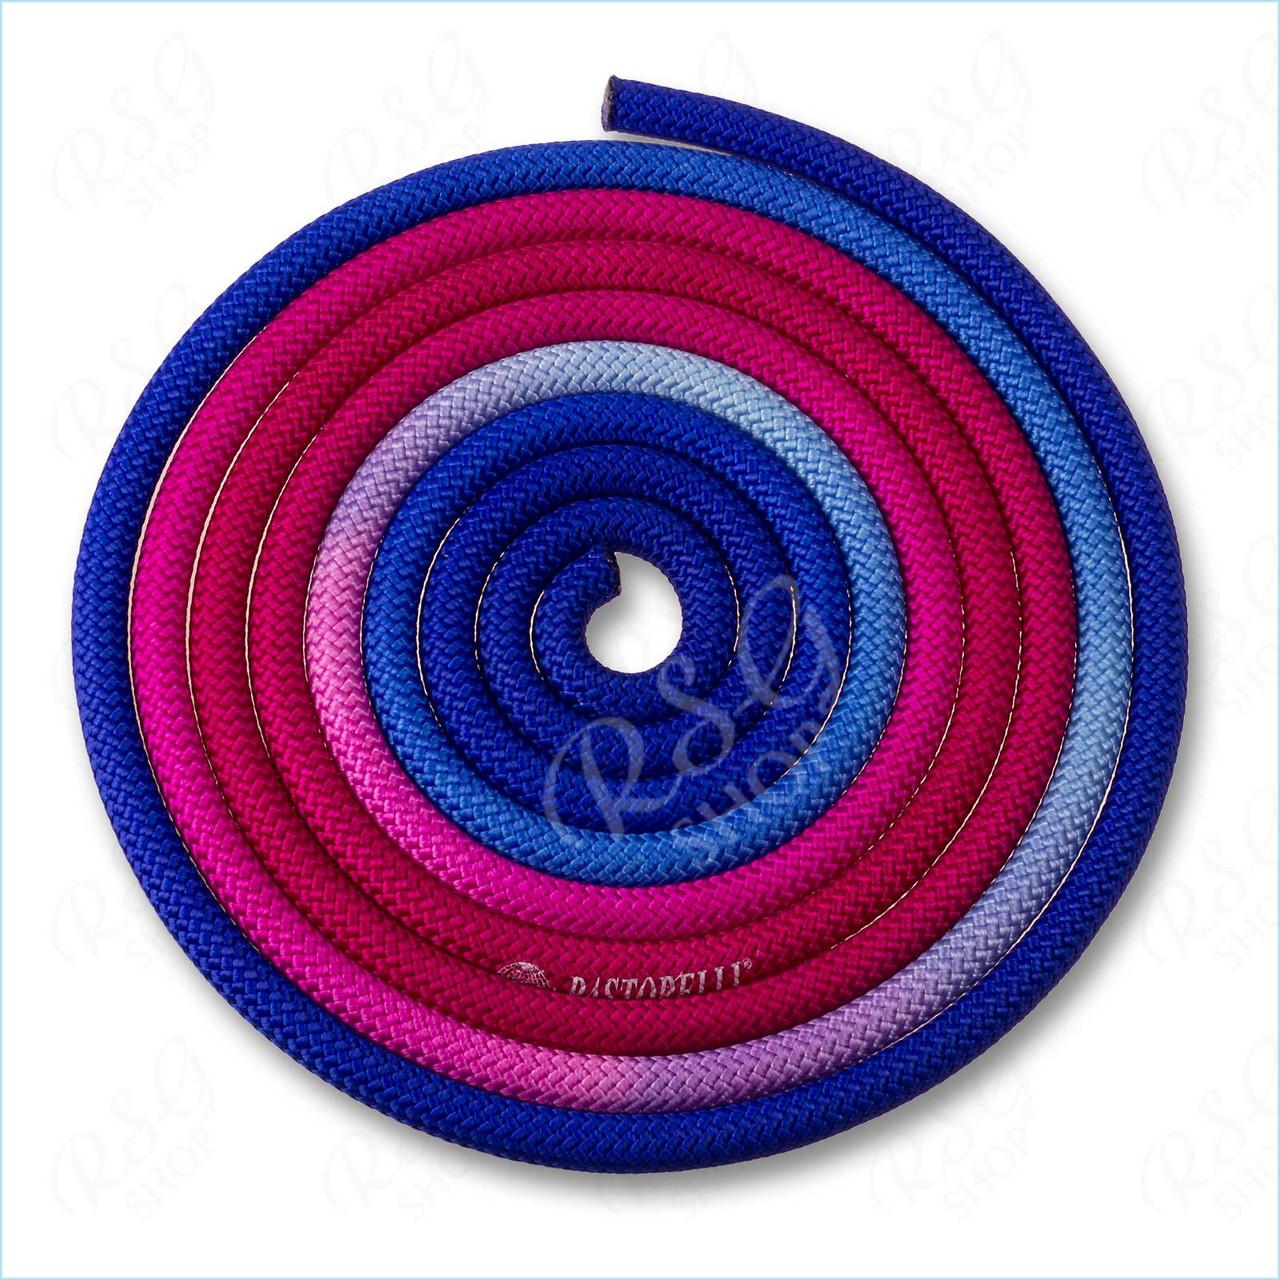 Скакалка Pastorelli New Orleans 3м поліестер 04258 синій-фуксія-рожевий FIG